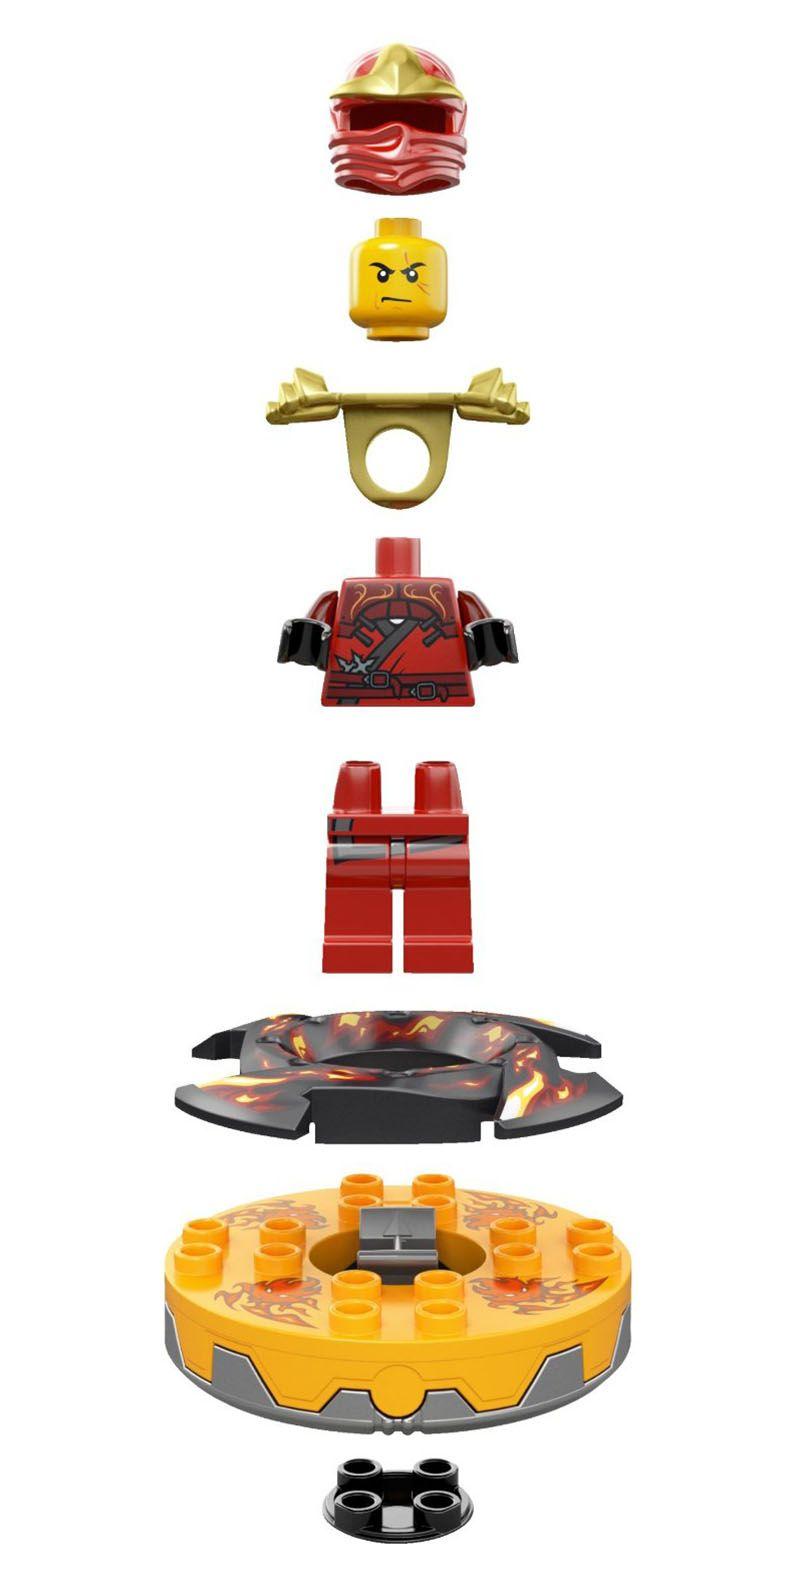 Lego ninjago 9561 pas cher kai zx - Ninjago lego kai ...